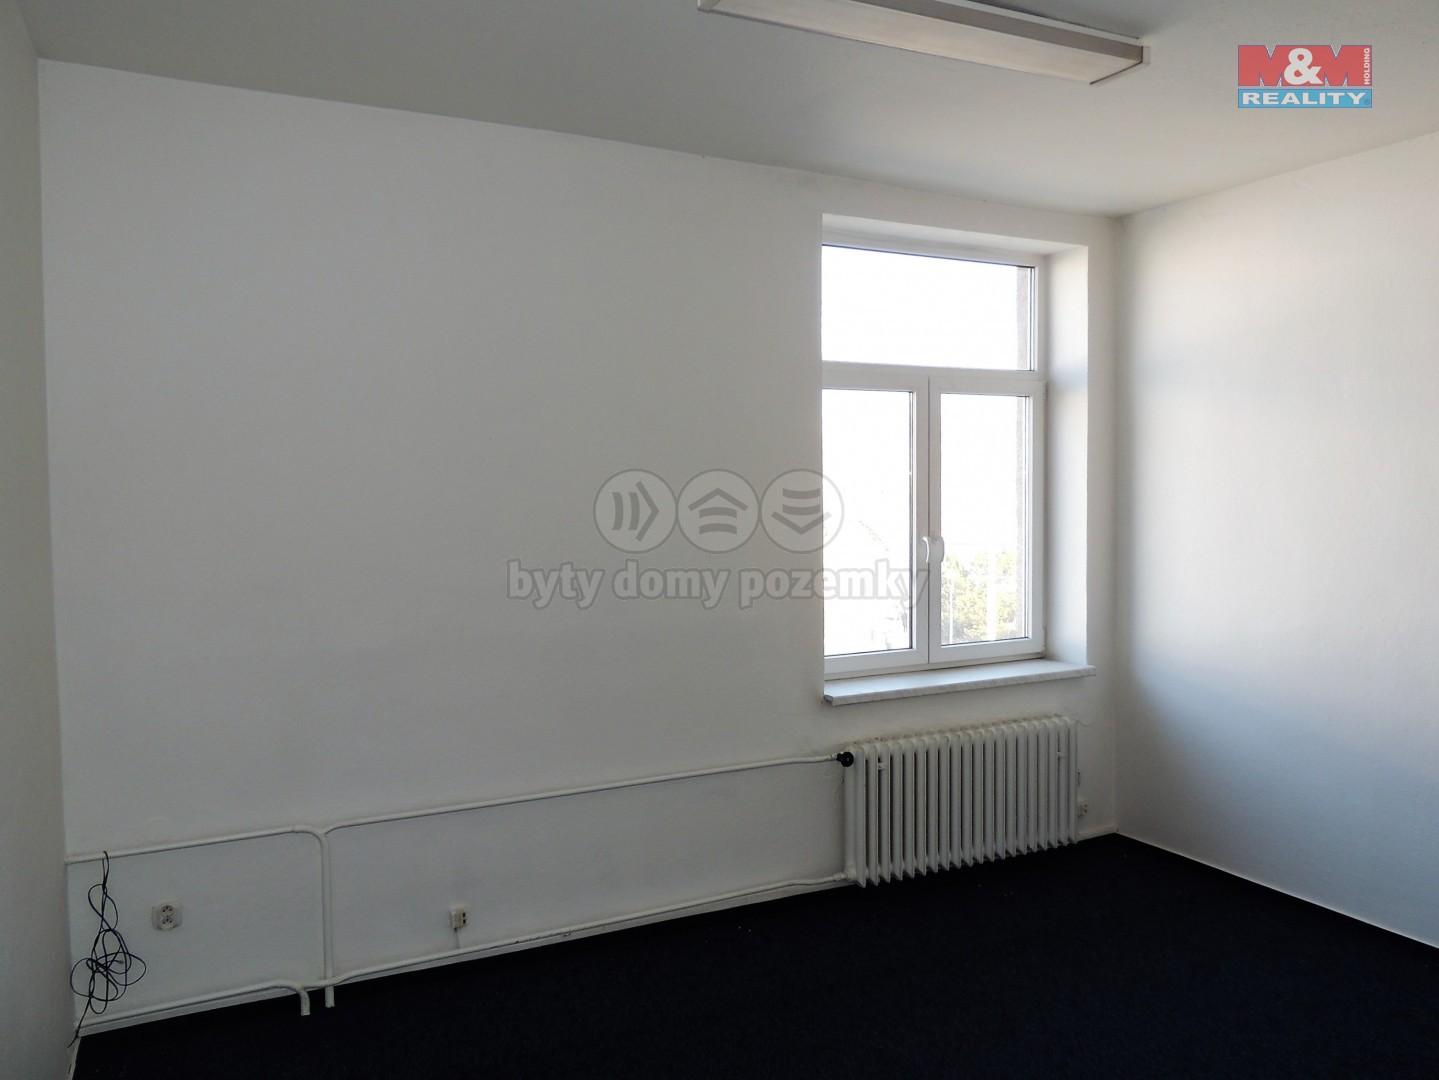 Pronájem kanceláře, 37 m², Ostrava, ul. 28. října